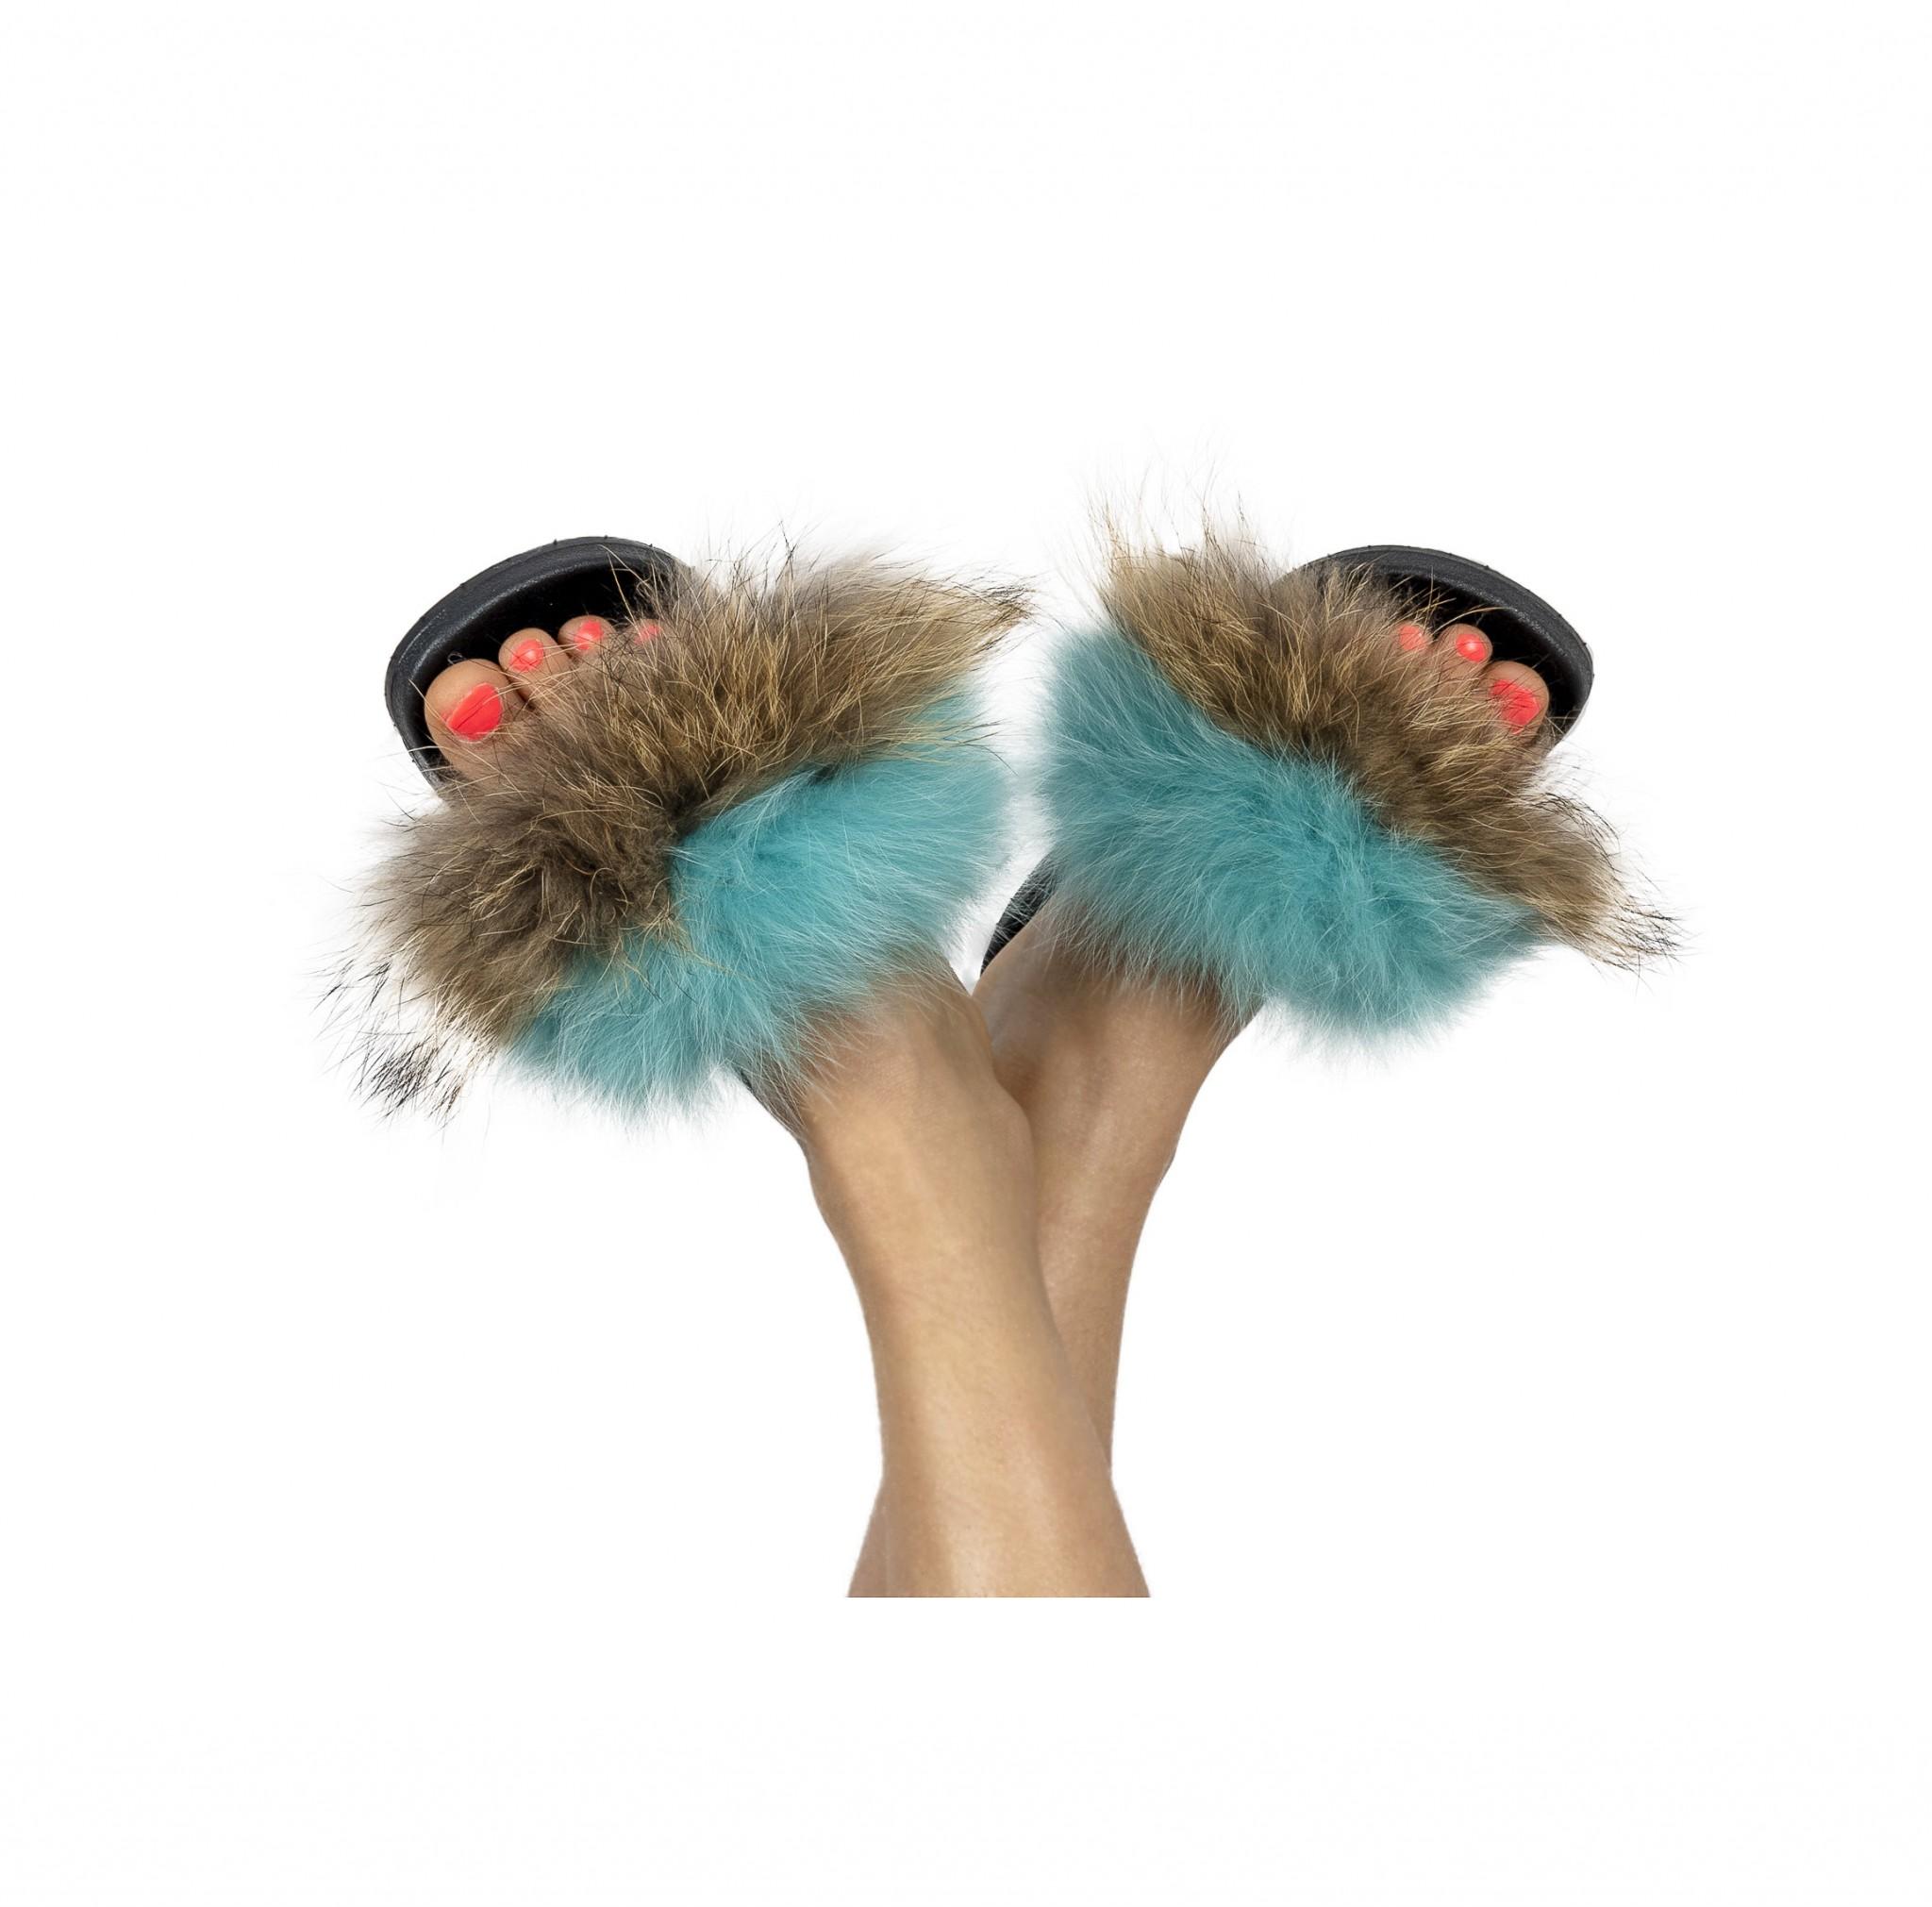 fur-slider_double-trouble-blue